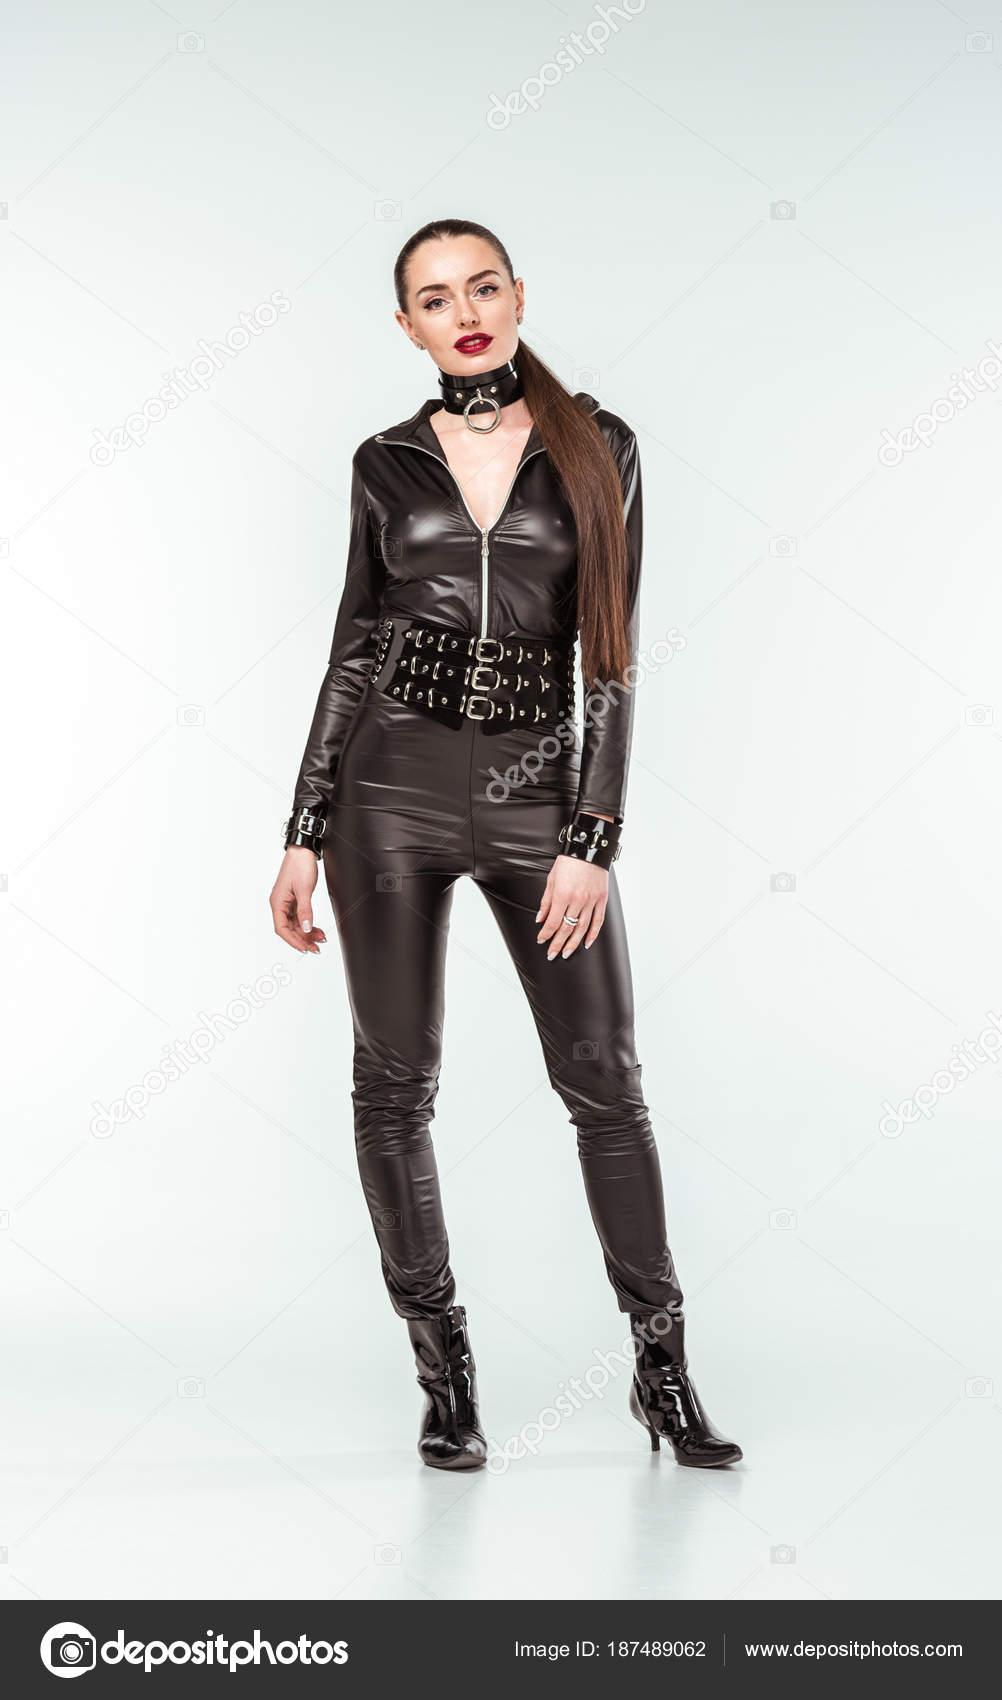 Кожаные эротические костюмы #14